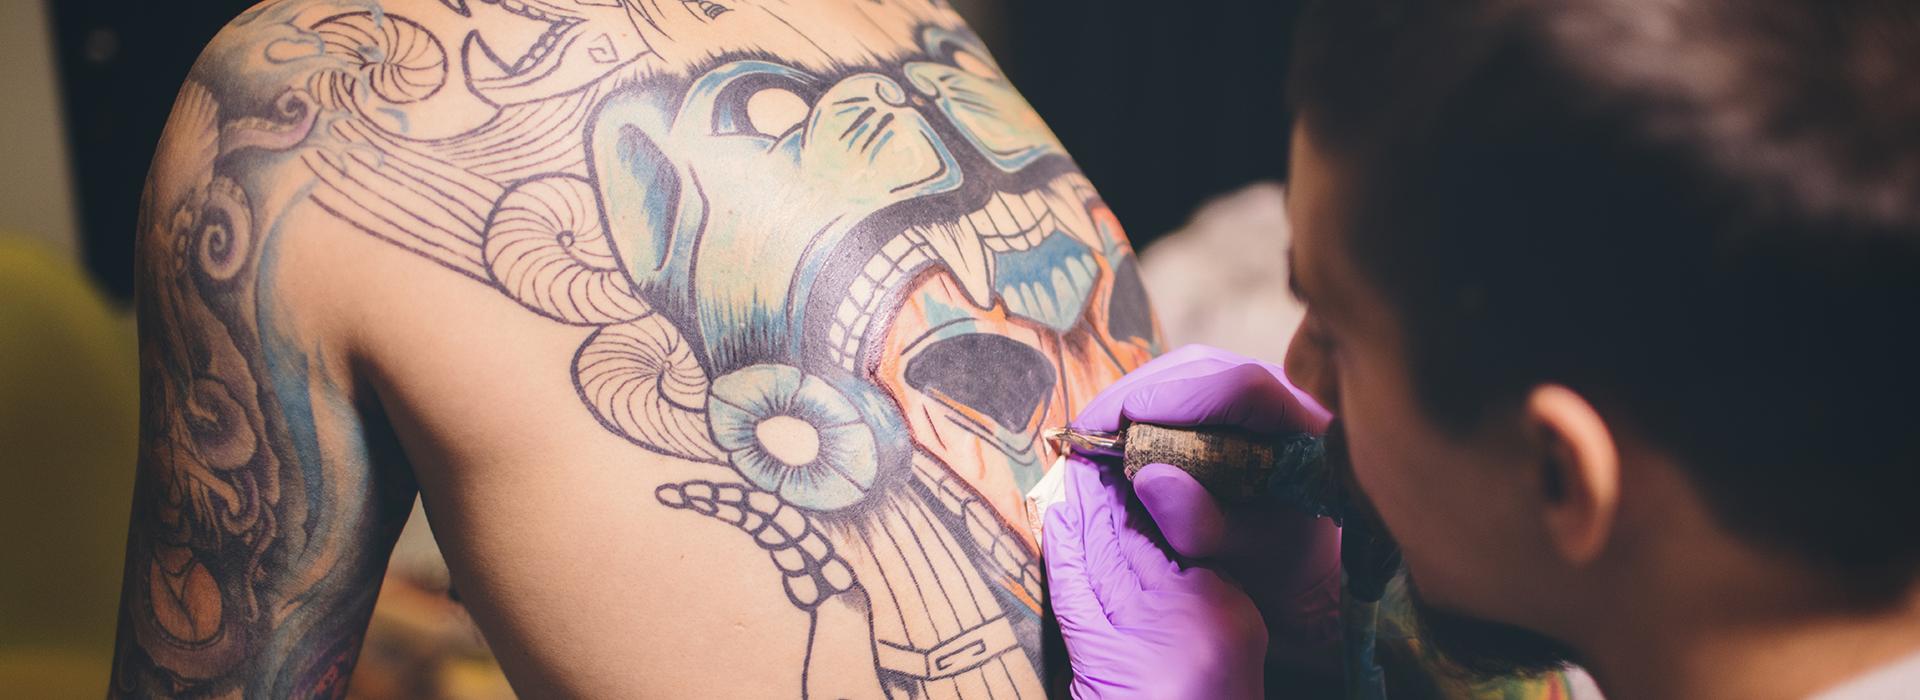 bg5-permanent-tatto-ixelles